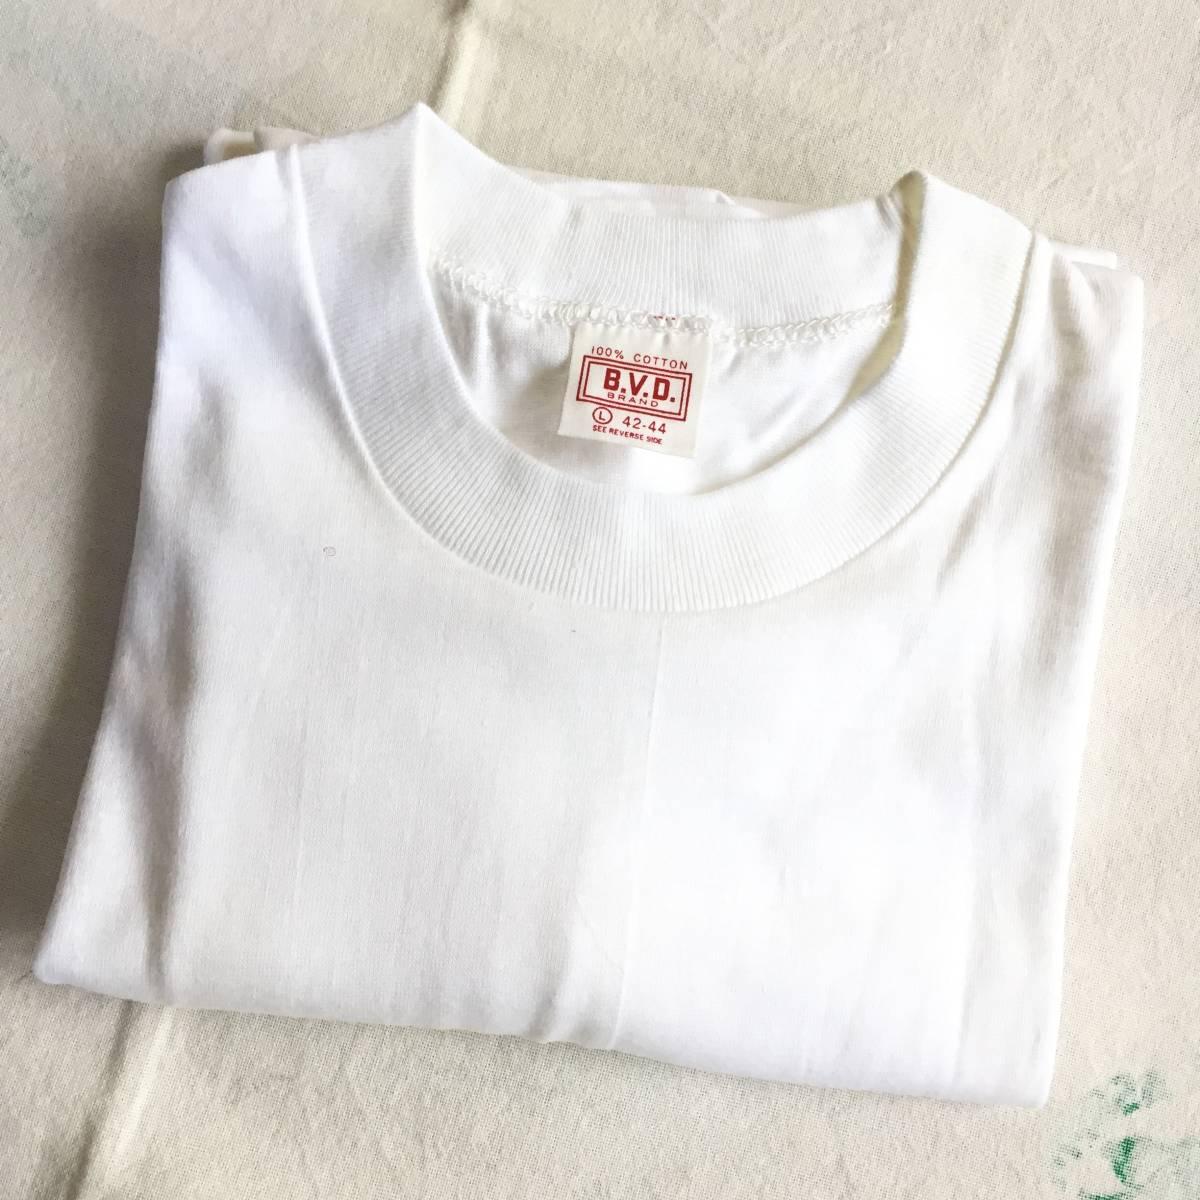 1972 70s USA製 デッドストック Lサイズ BVD 丸首 白 無地 Tシャツ アンダーシャツ VINTAGE _画像1